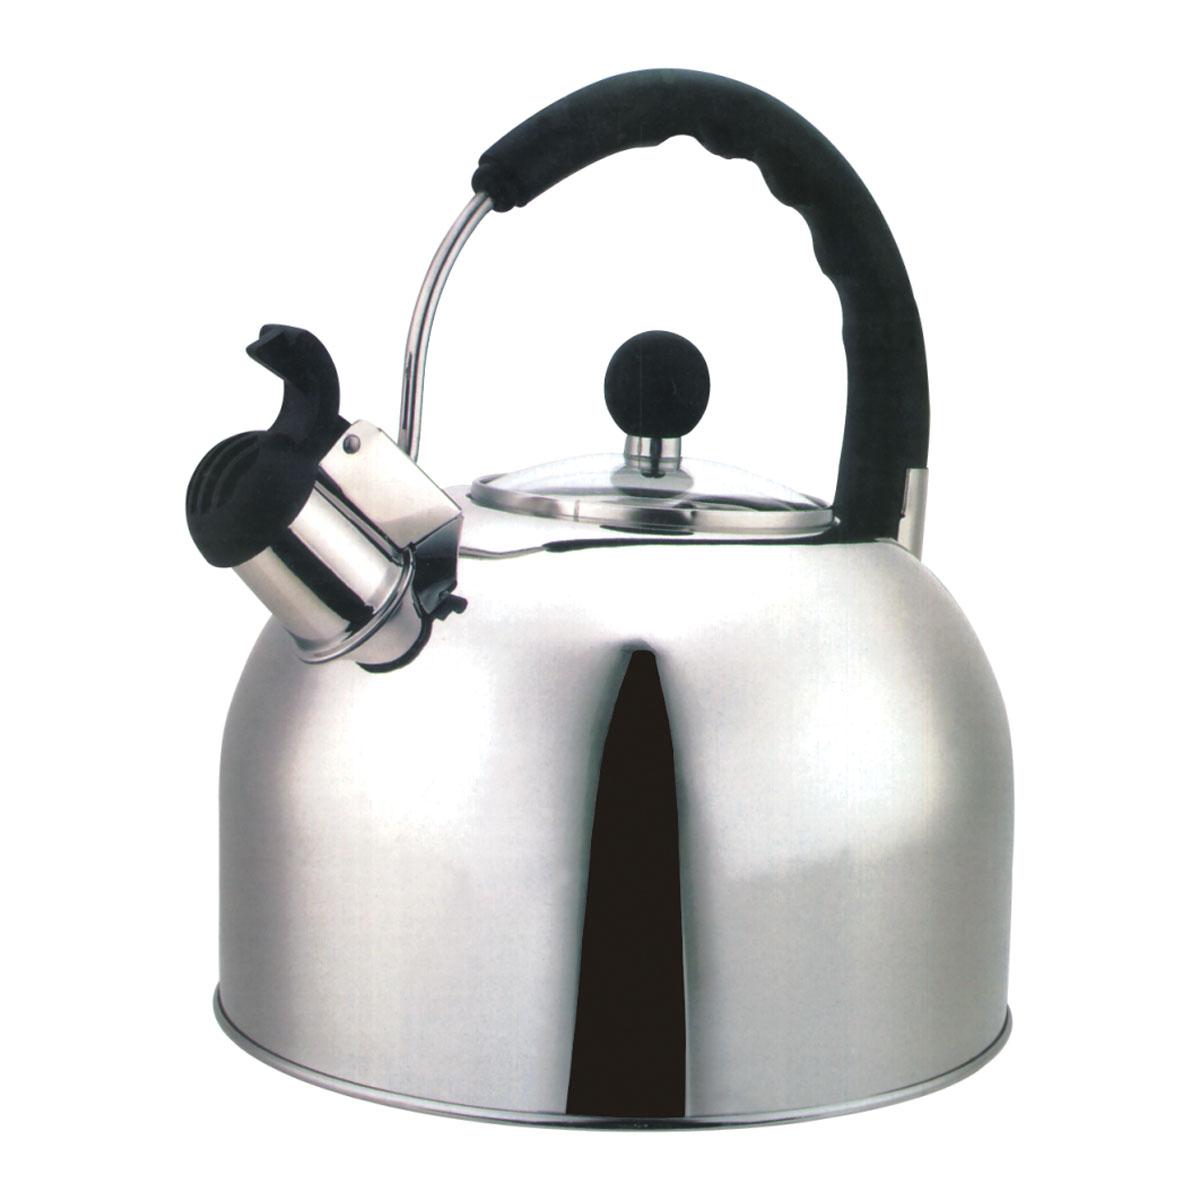 Чайник Bekker Koch со свистком, 4,5 лBK-S335Чайник Bekker Koch выполнен из высококачественной нержавеющей стали,что обеспечивает долговечность использования. Внешнее зеркальноепокрытие придает приятный внешний вид. Металлическая фиксированная ручка спластиковой вставкой делает использование чайника очень удобным ибезопасным. Чайникснабжен стеклянной крышкой, свистком и устройством для открывания носика.Изделие оснащенокапсулированным дном для лучшего распространения тепла.Можно мыть в посудомоечной машине. Пригоден для всех видов плит кромеиндукционных.